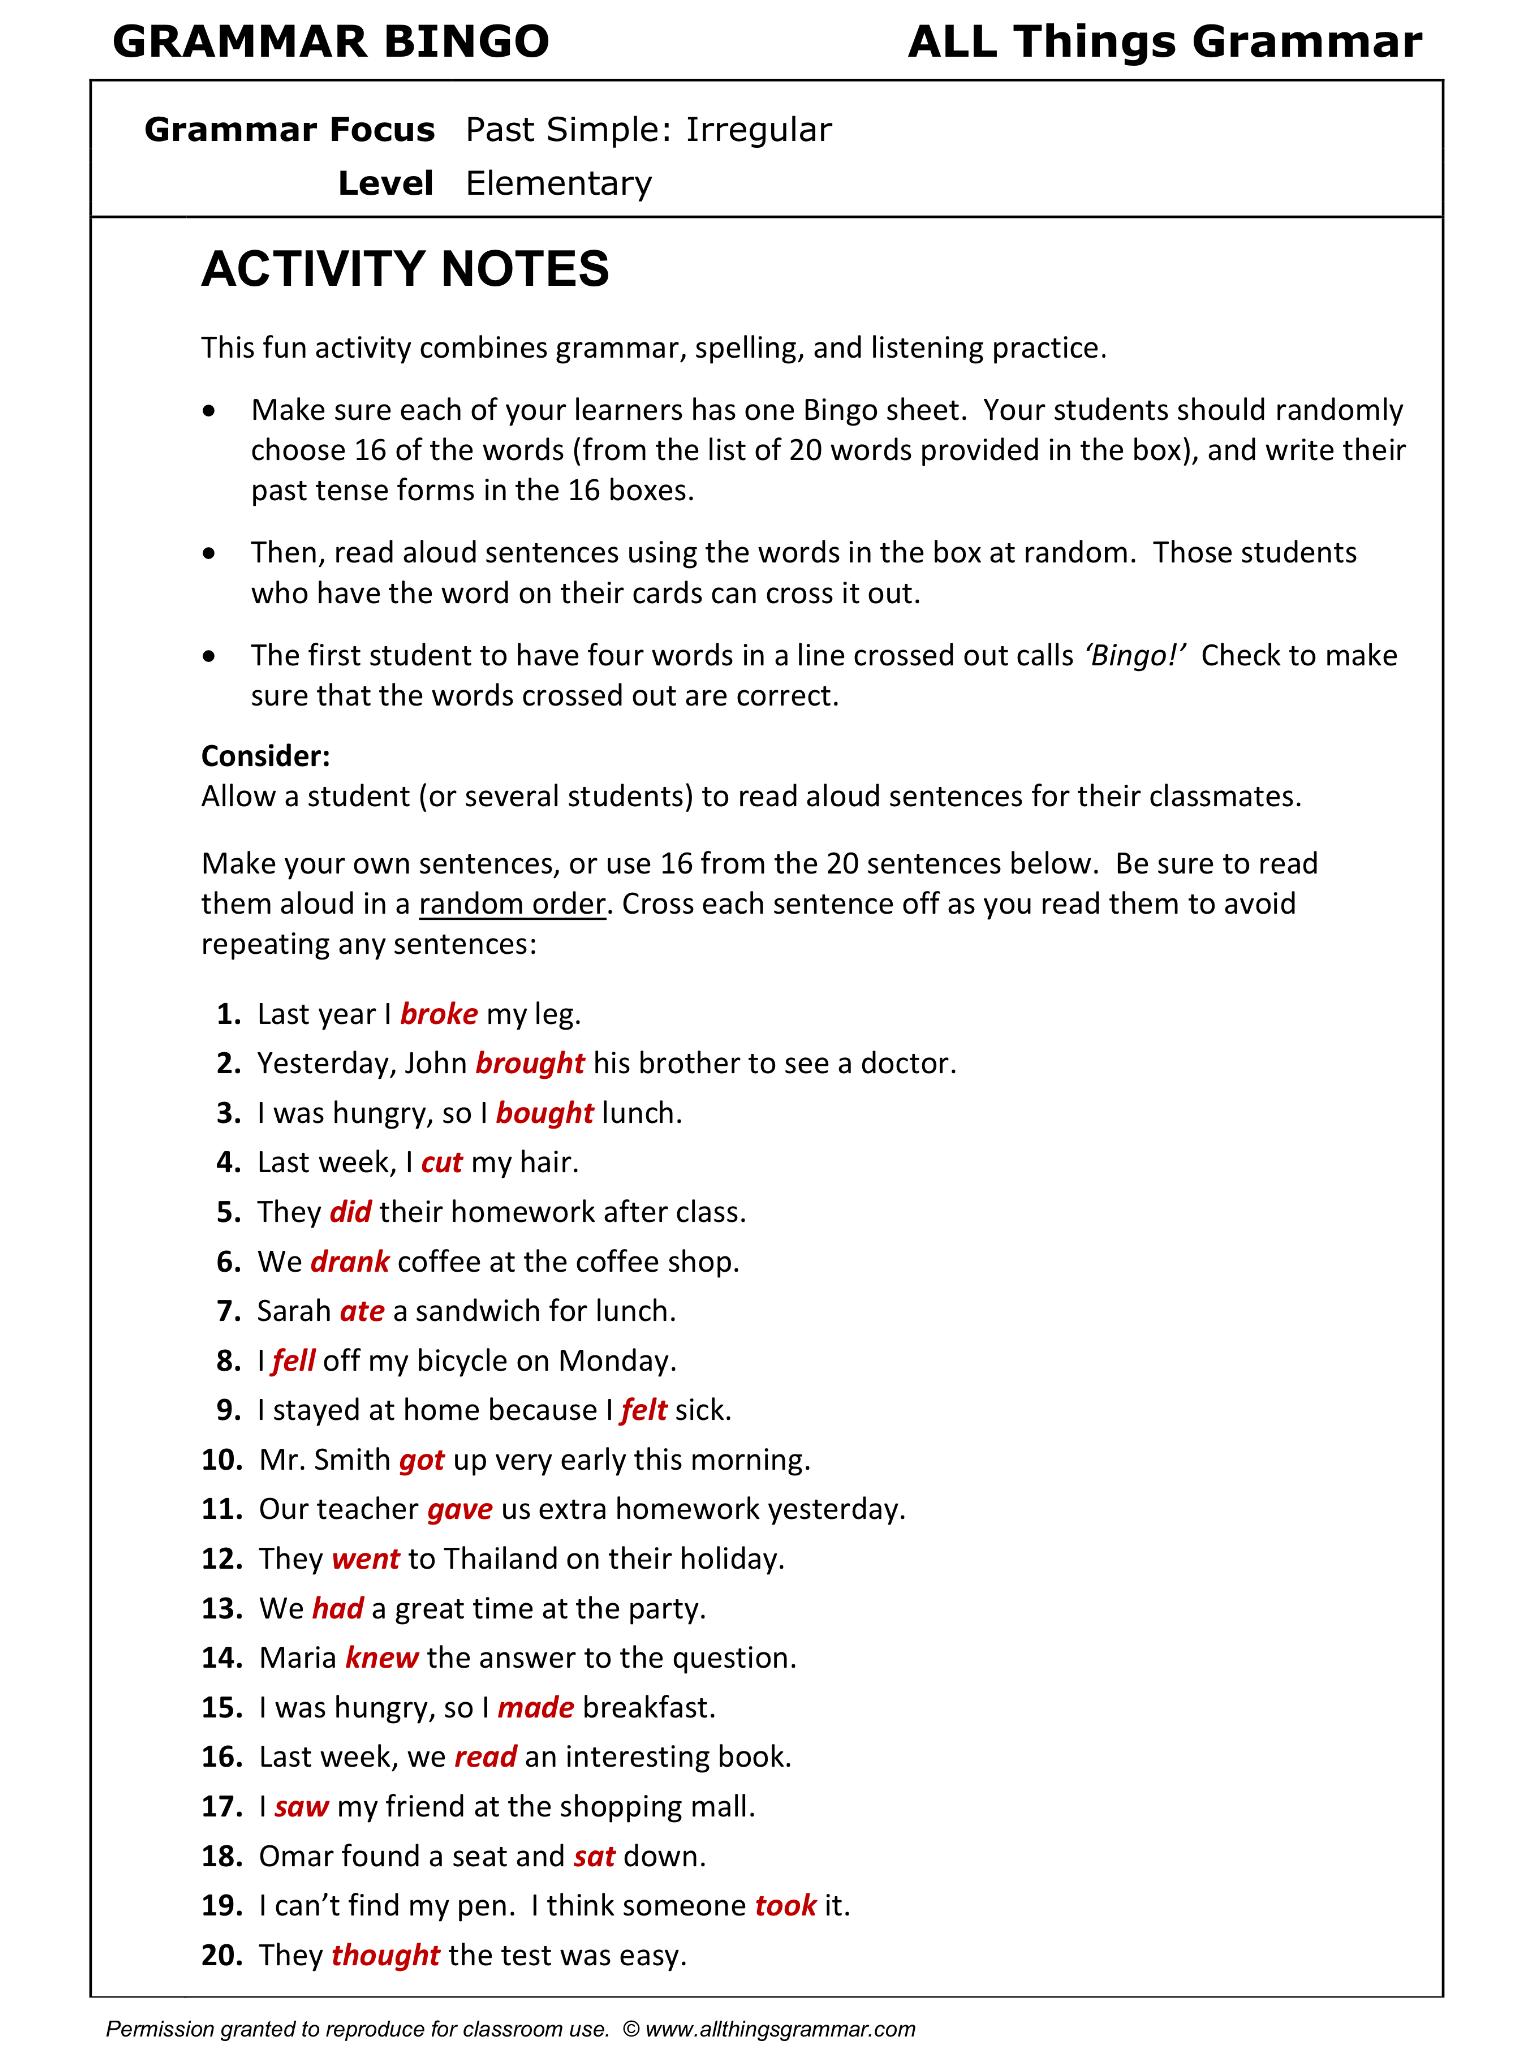 Worksheets Sat Grammar Worksheets english grammar bingo past simple irregular 22 httpwww httpwww